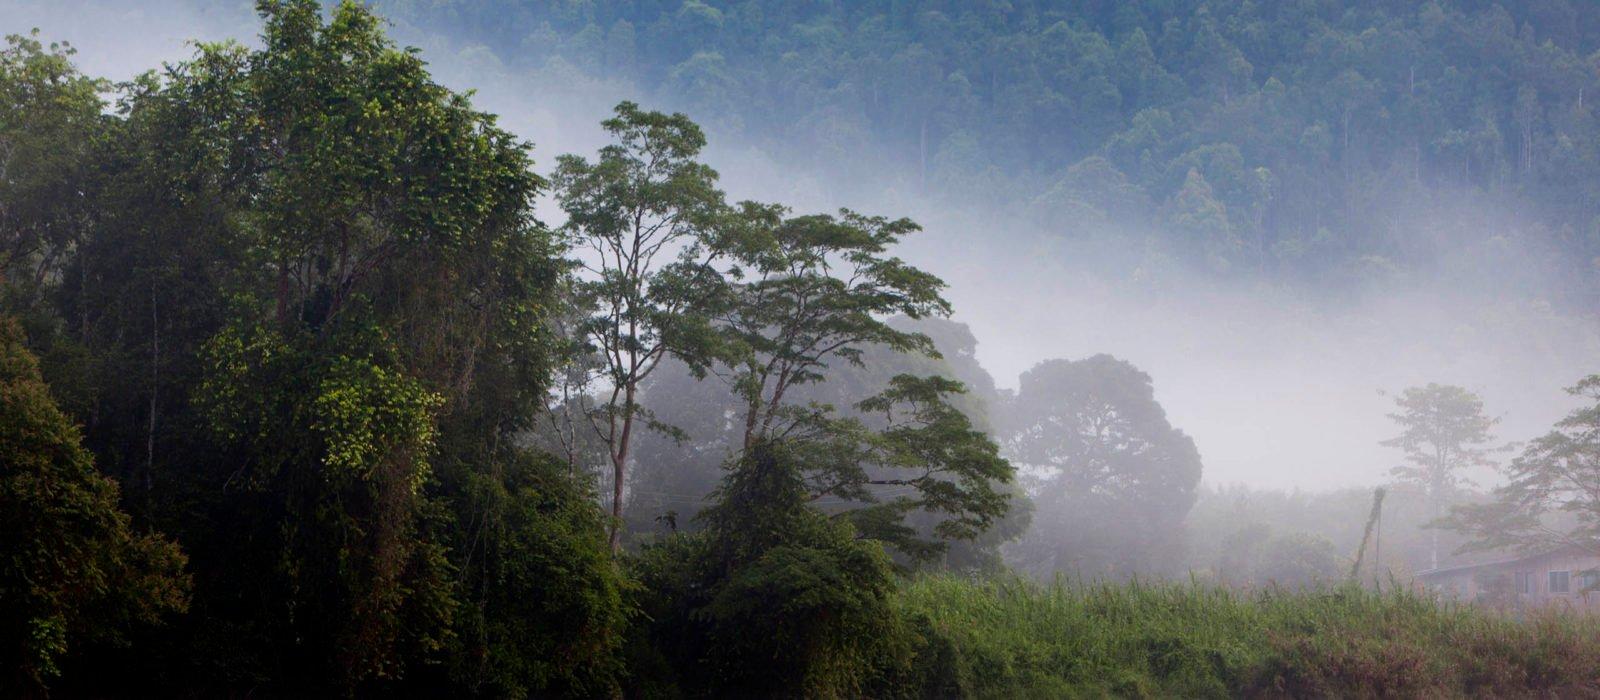 Kinabatangan River, Sabah. Borneo, Malaysia.